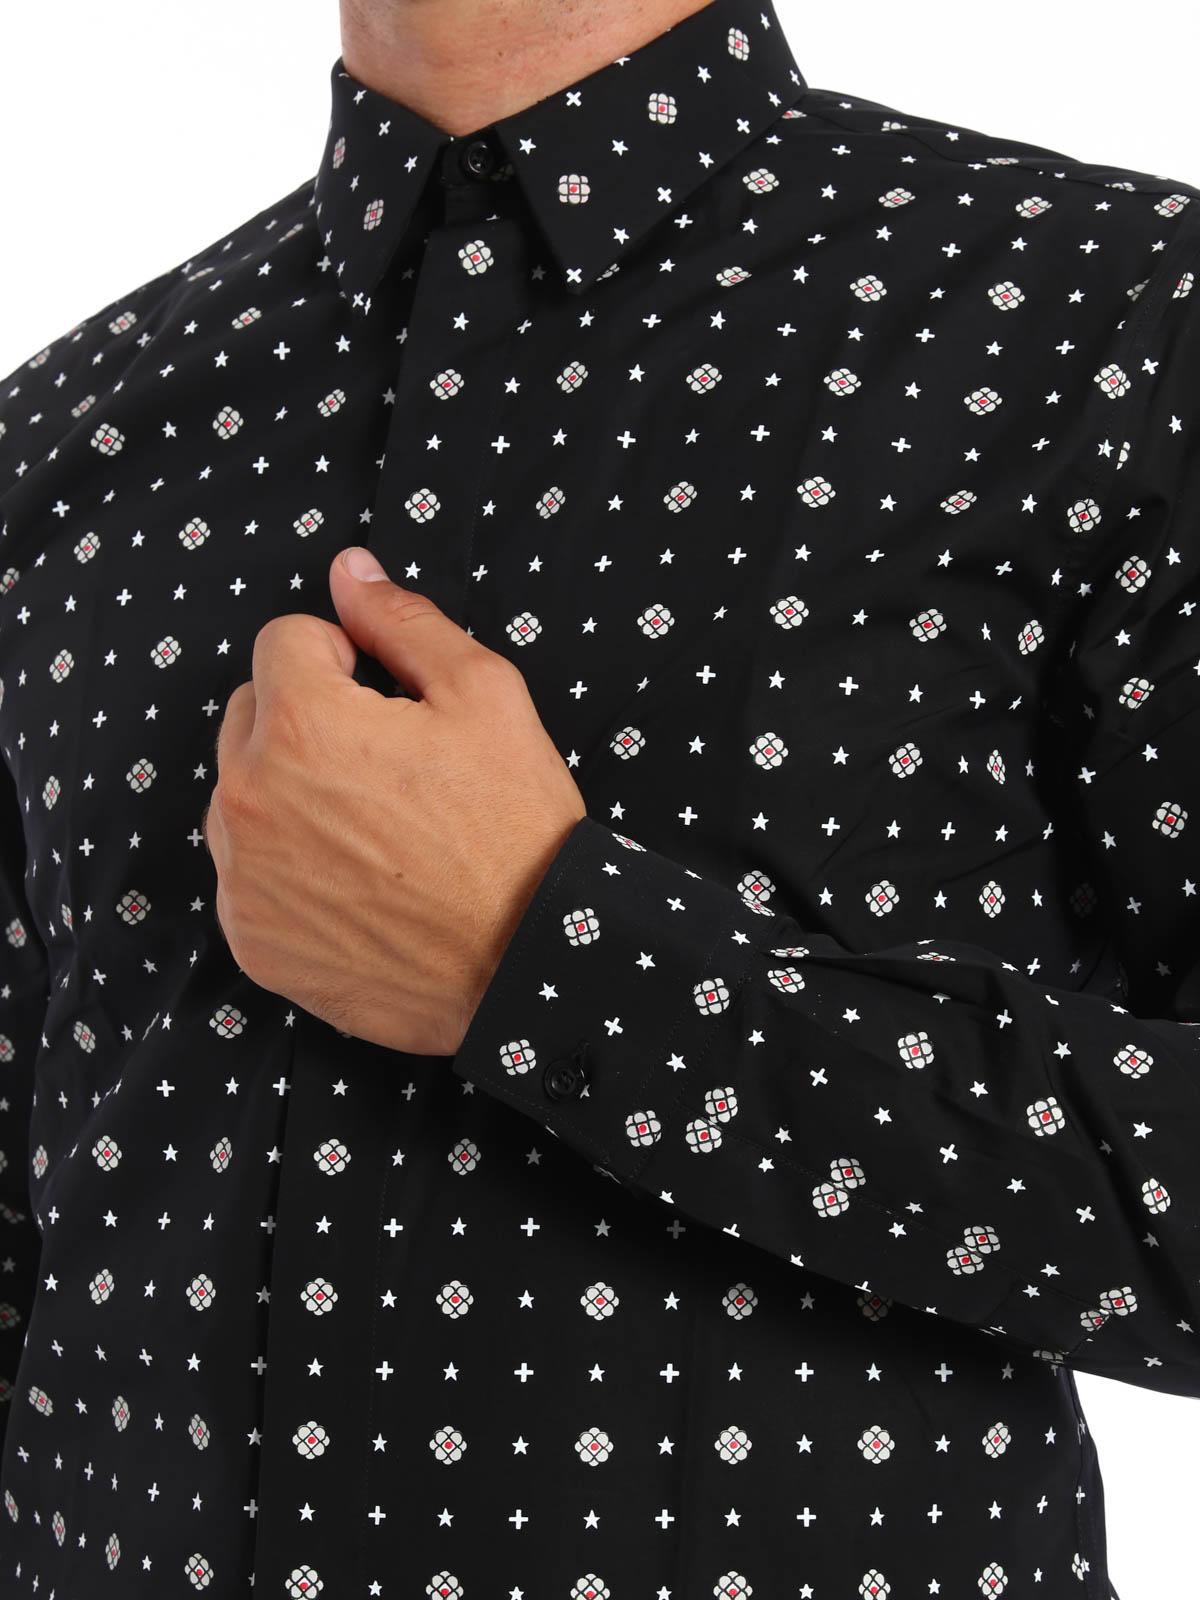 Camicia 001 Givenchy Stampa Camicie 16f6043741 Con Fantasia 8wOn0mNv